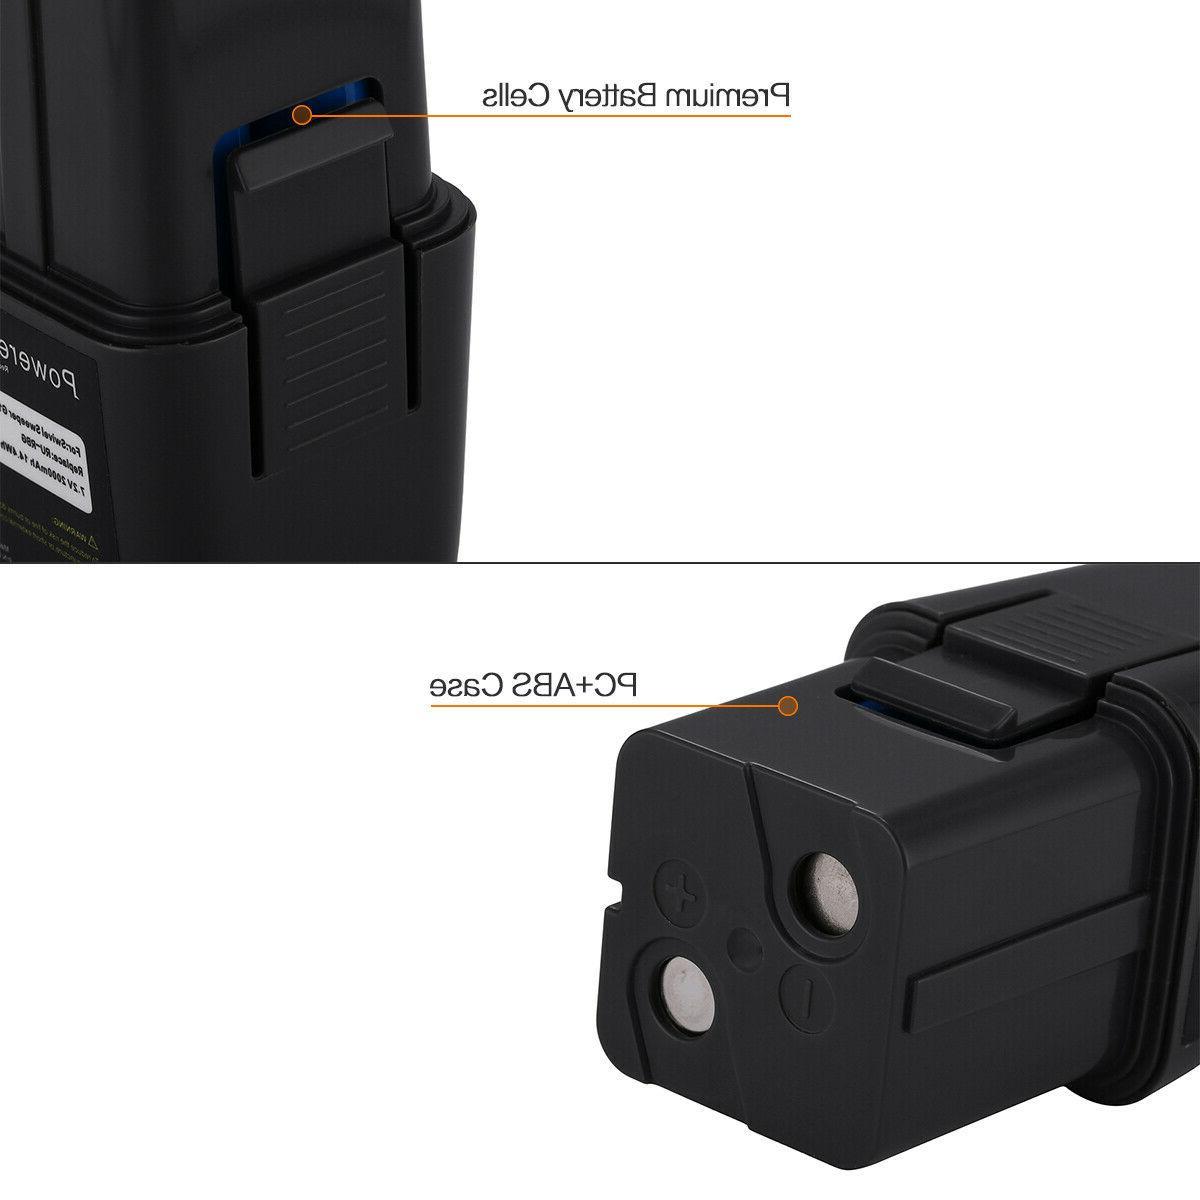 7.2V 2000mAh Ni-MH Battery for Ontel Swivel Sweeper G2